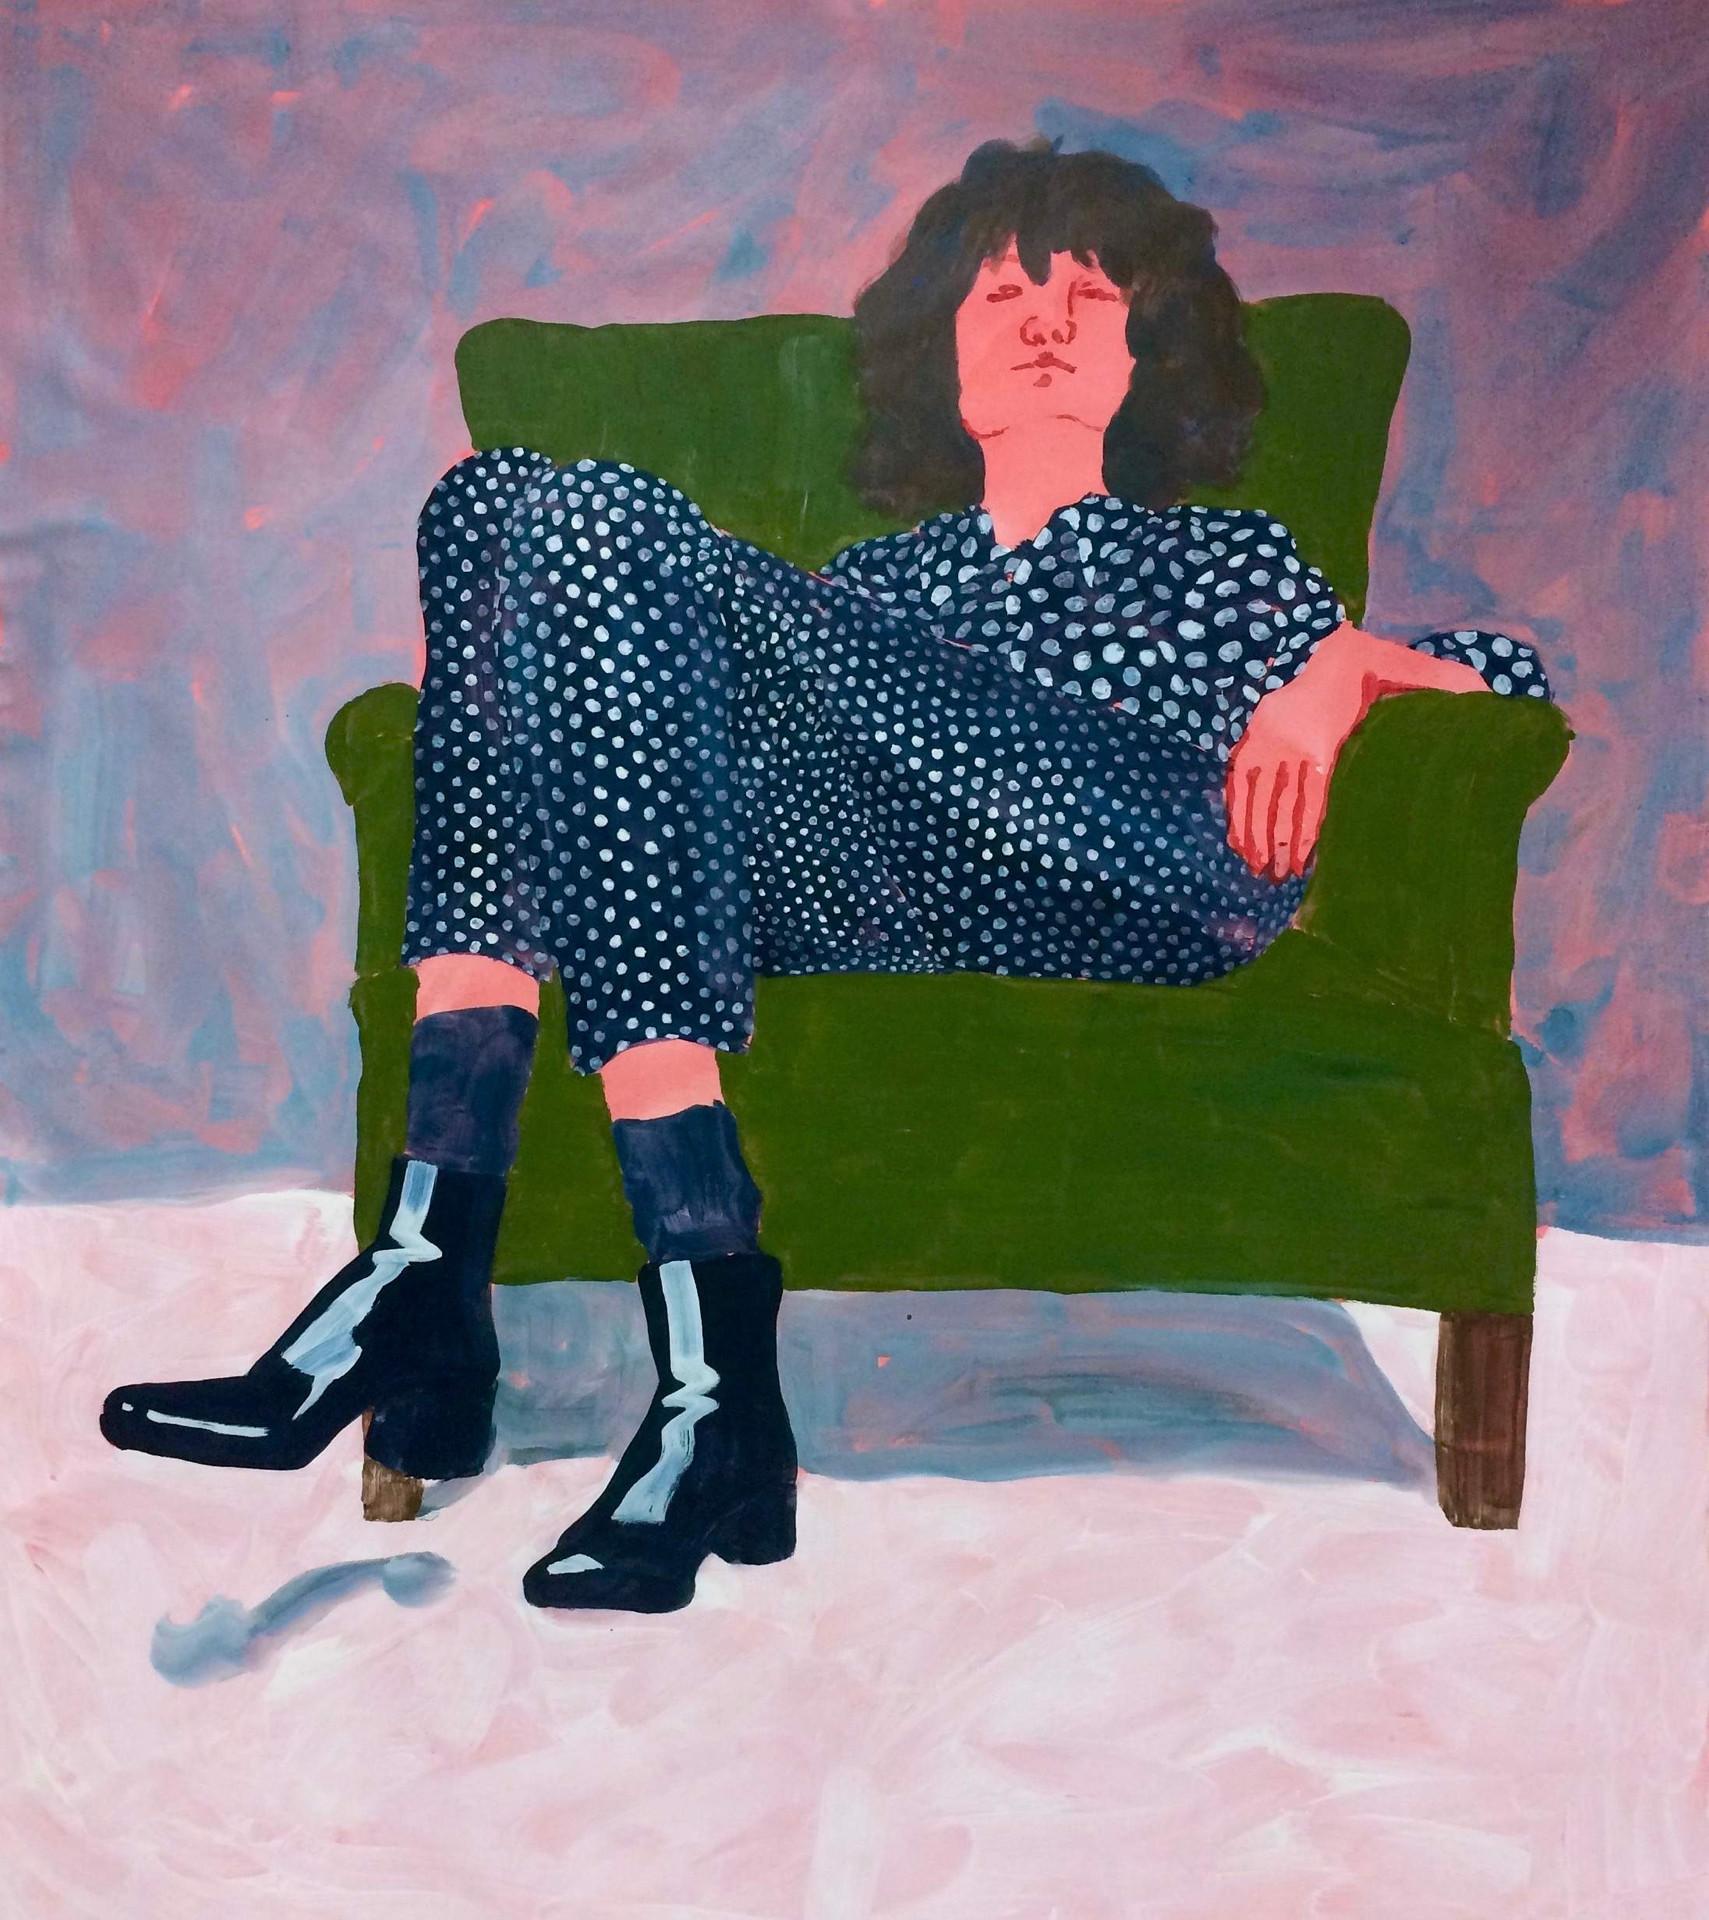 Självporträtt, 180x140 cm, tempera och akryl på bomullsduk, 2017